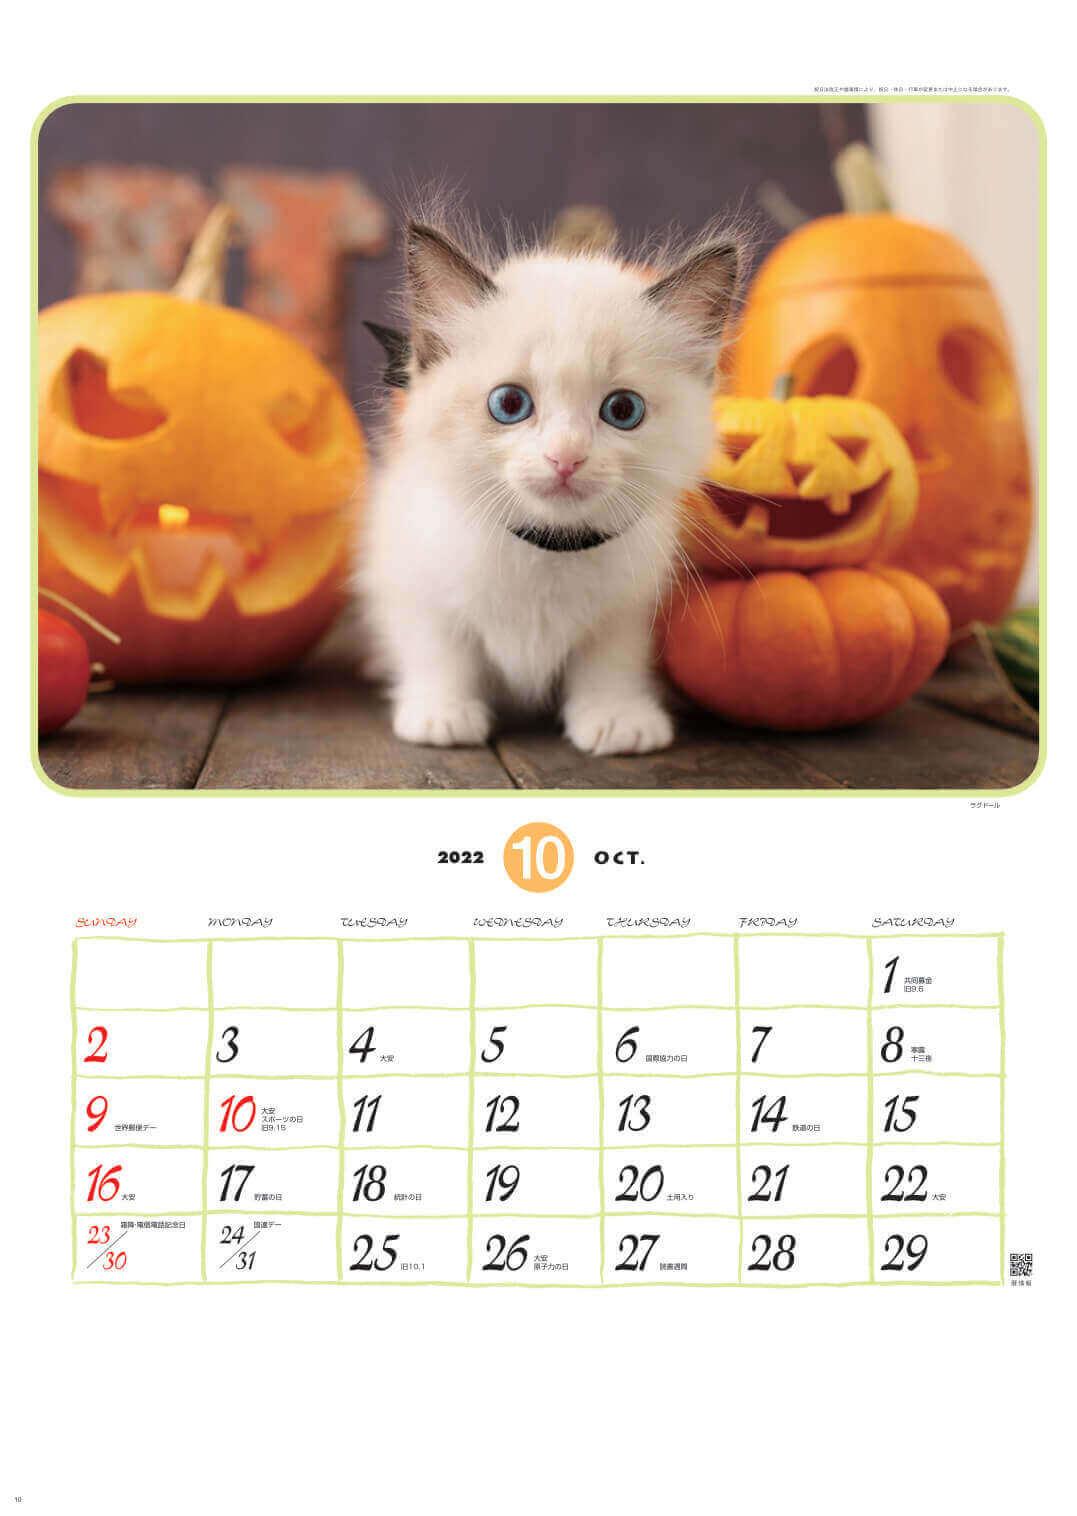 ラグドール リトルフレンド 2022年カレンダーの画像